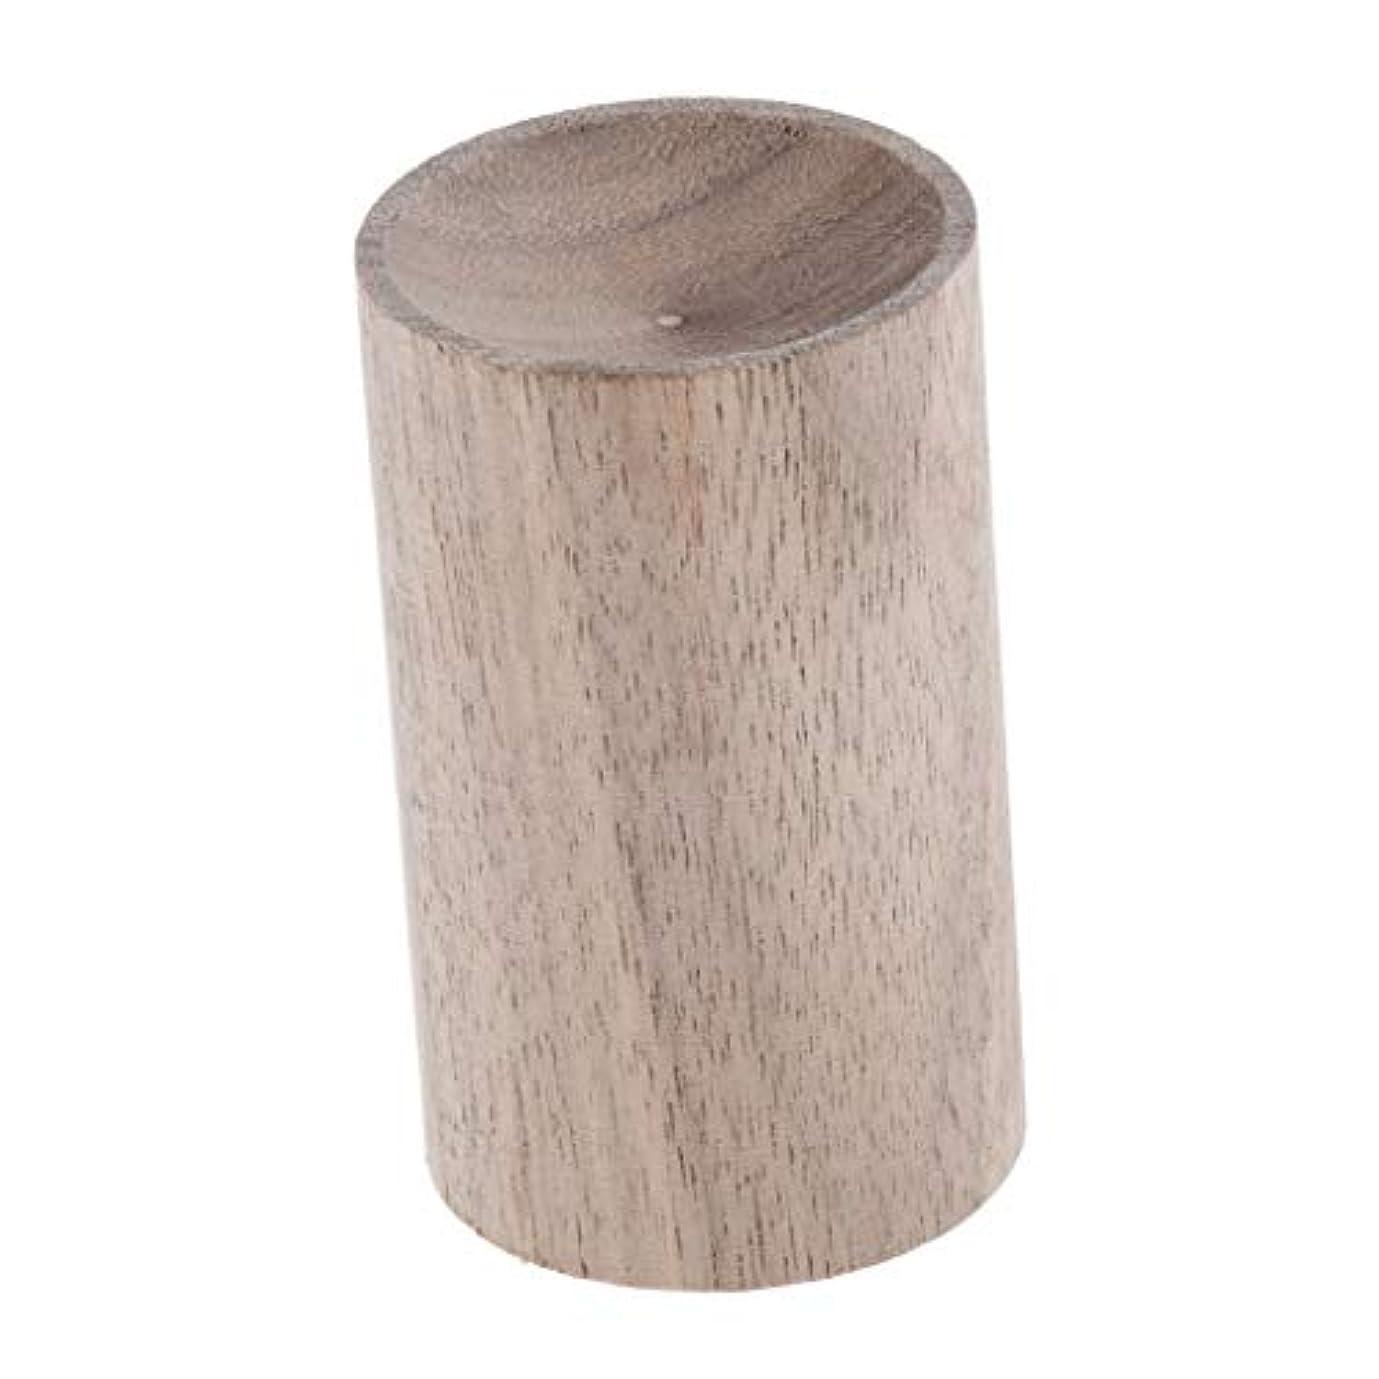 にぎやかブラウザ美徳Perfeclan 天然木 エアフレッシュナー エッセンシャルオイル 香水 アロマディフューザー 使いやすい 2種選ぶ - 02, 3.2cm